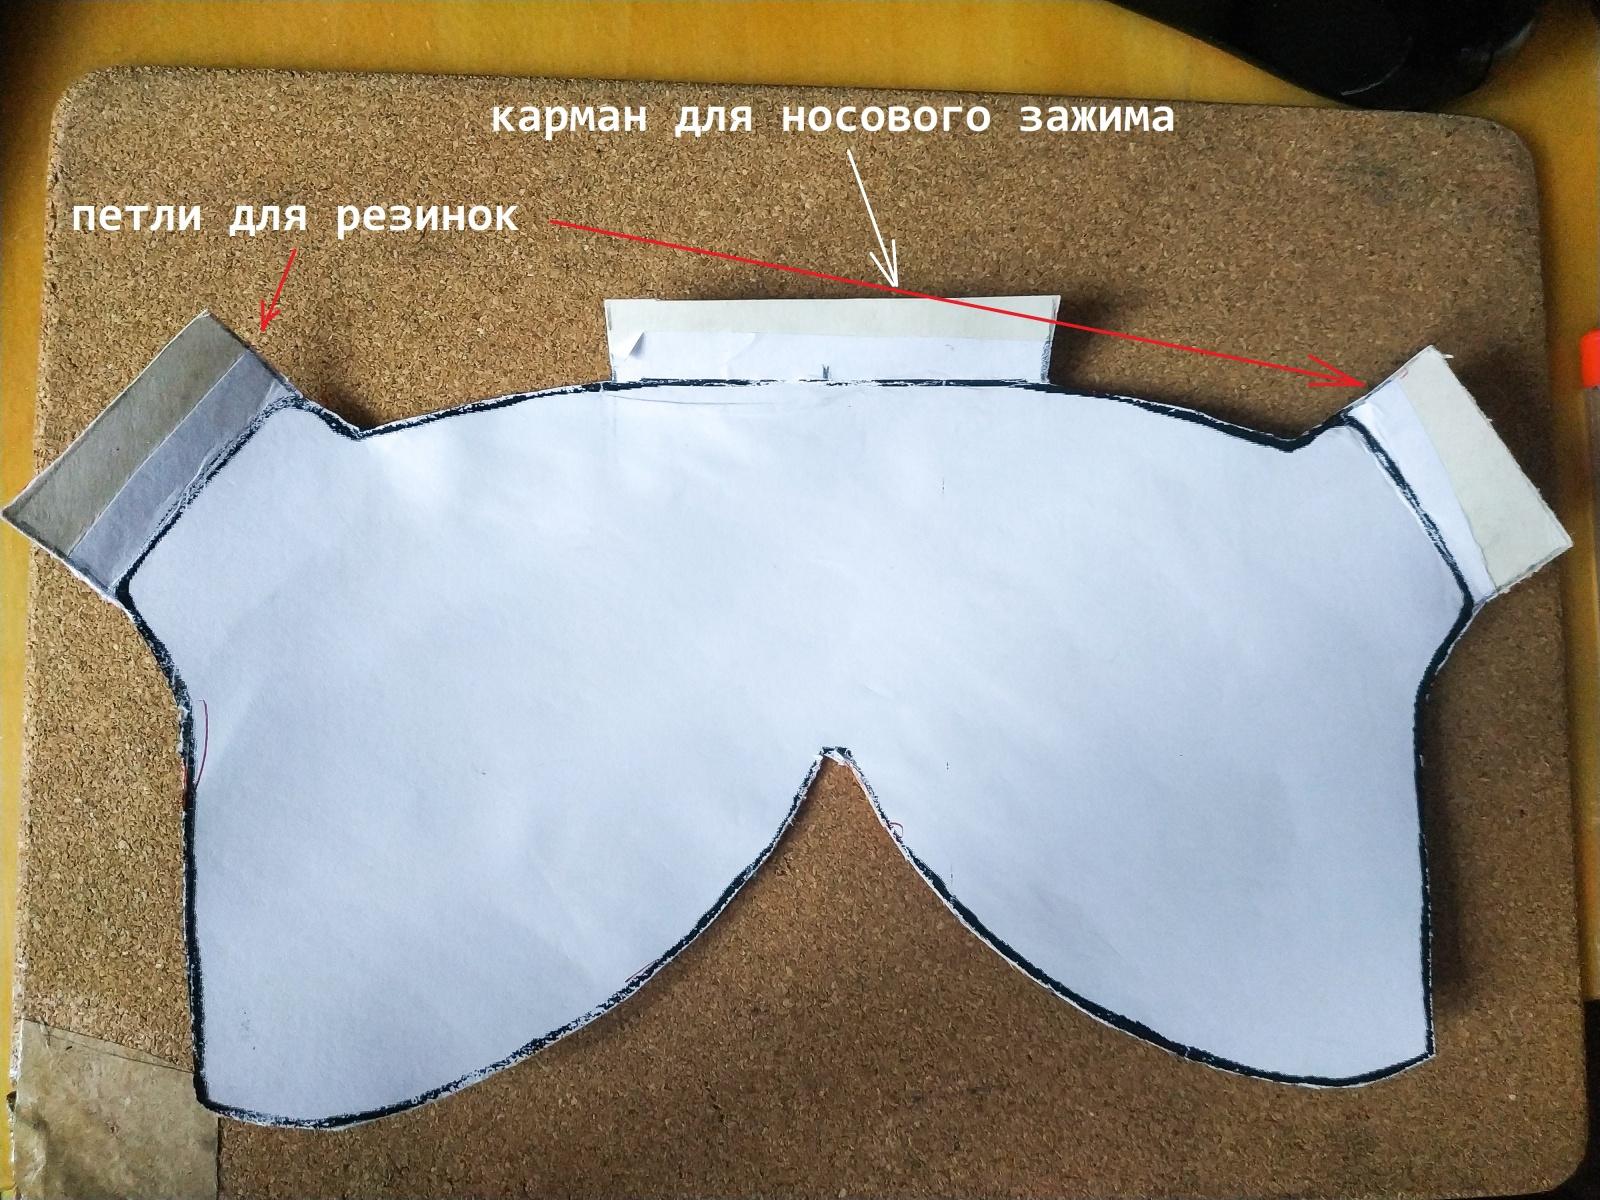 Как я изготовил респиратор KN95 в домашних условиях из подручных материалов. Подробная инструкция - 10